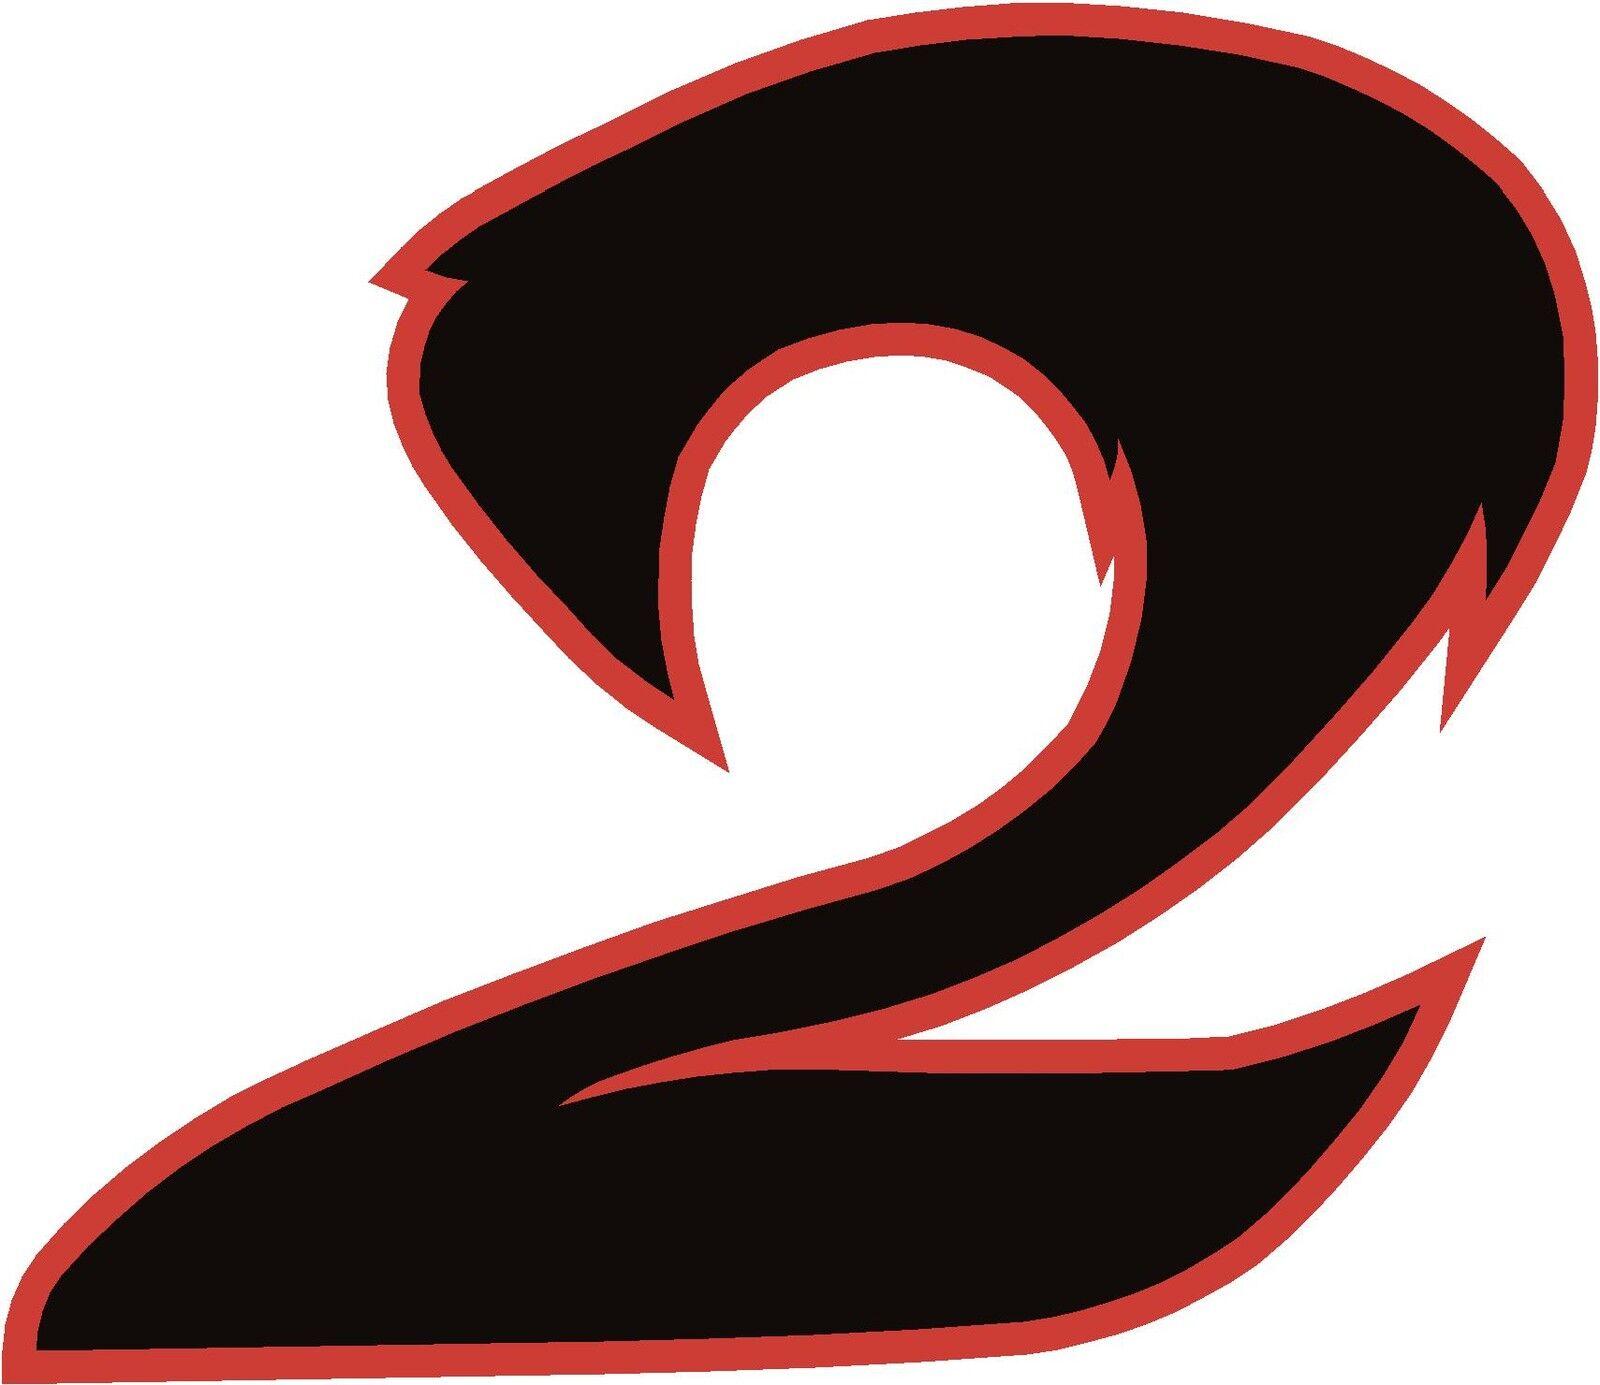 X1 chiffres (de plus en boutique les ebay) les boutique numéros de course autocollants en vinyle style 2 noir / rouge b803d2